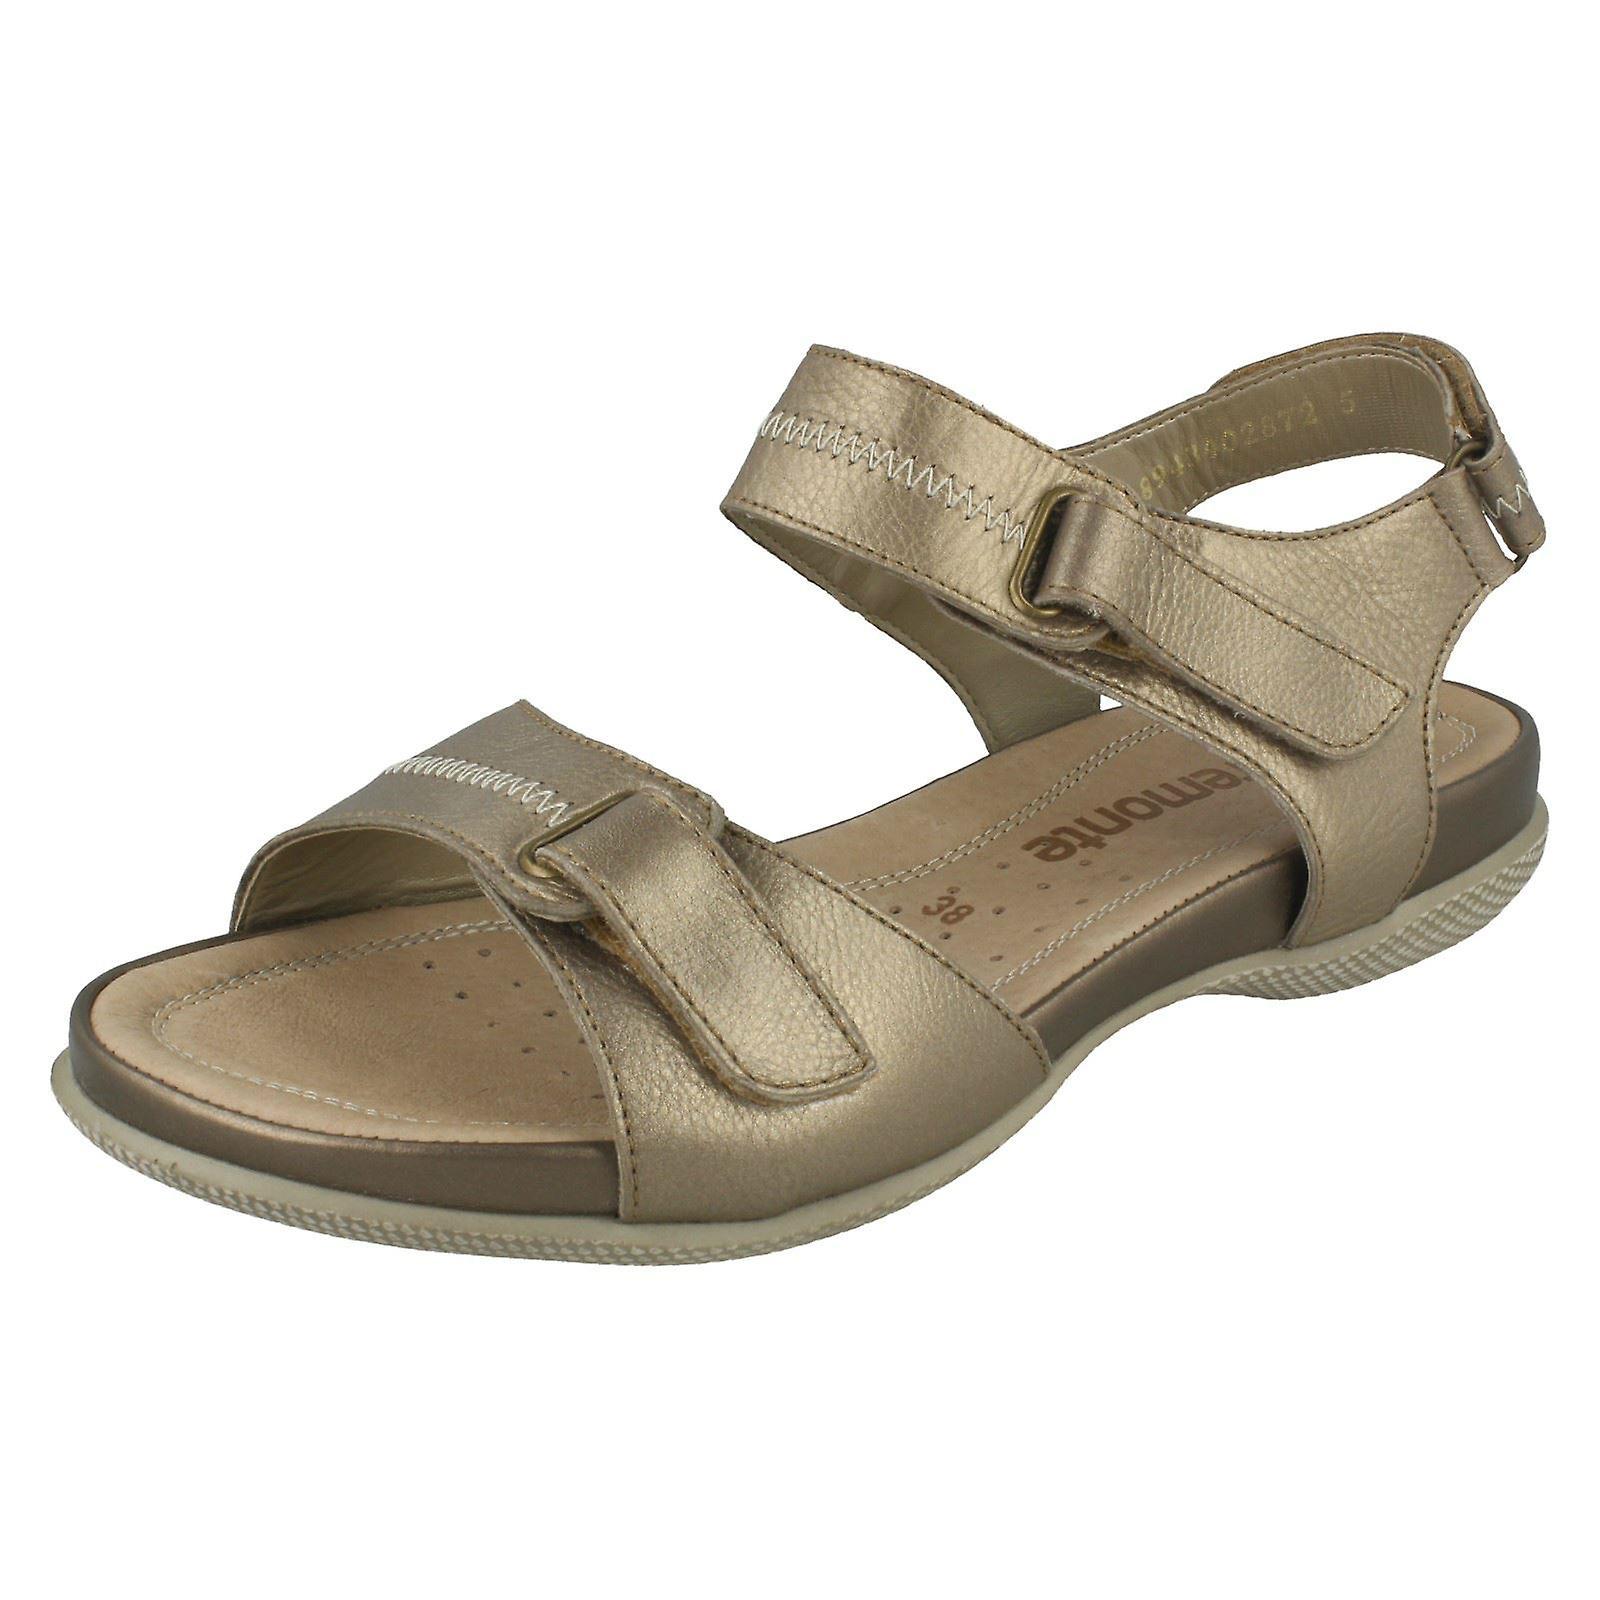 Ladies Remonte Casual Flat Sandals R7450 DpURW